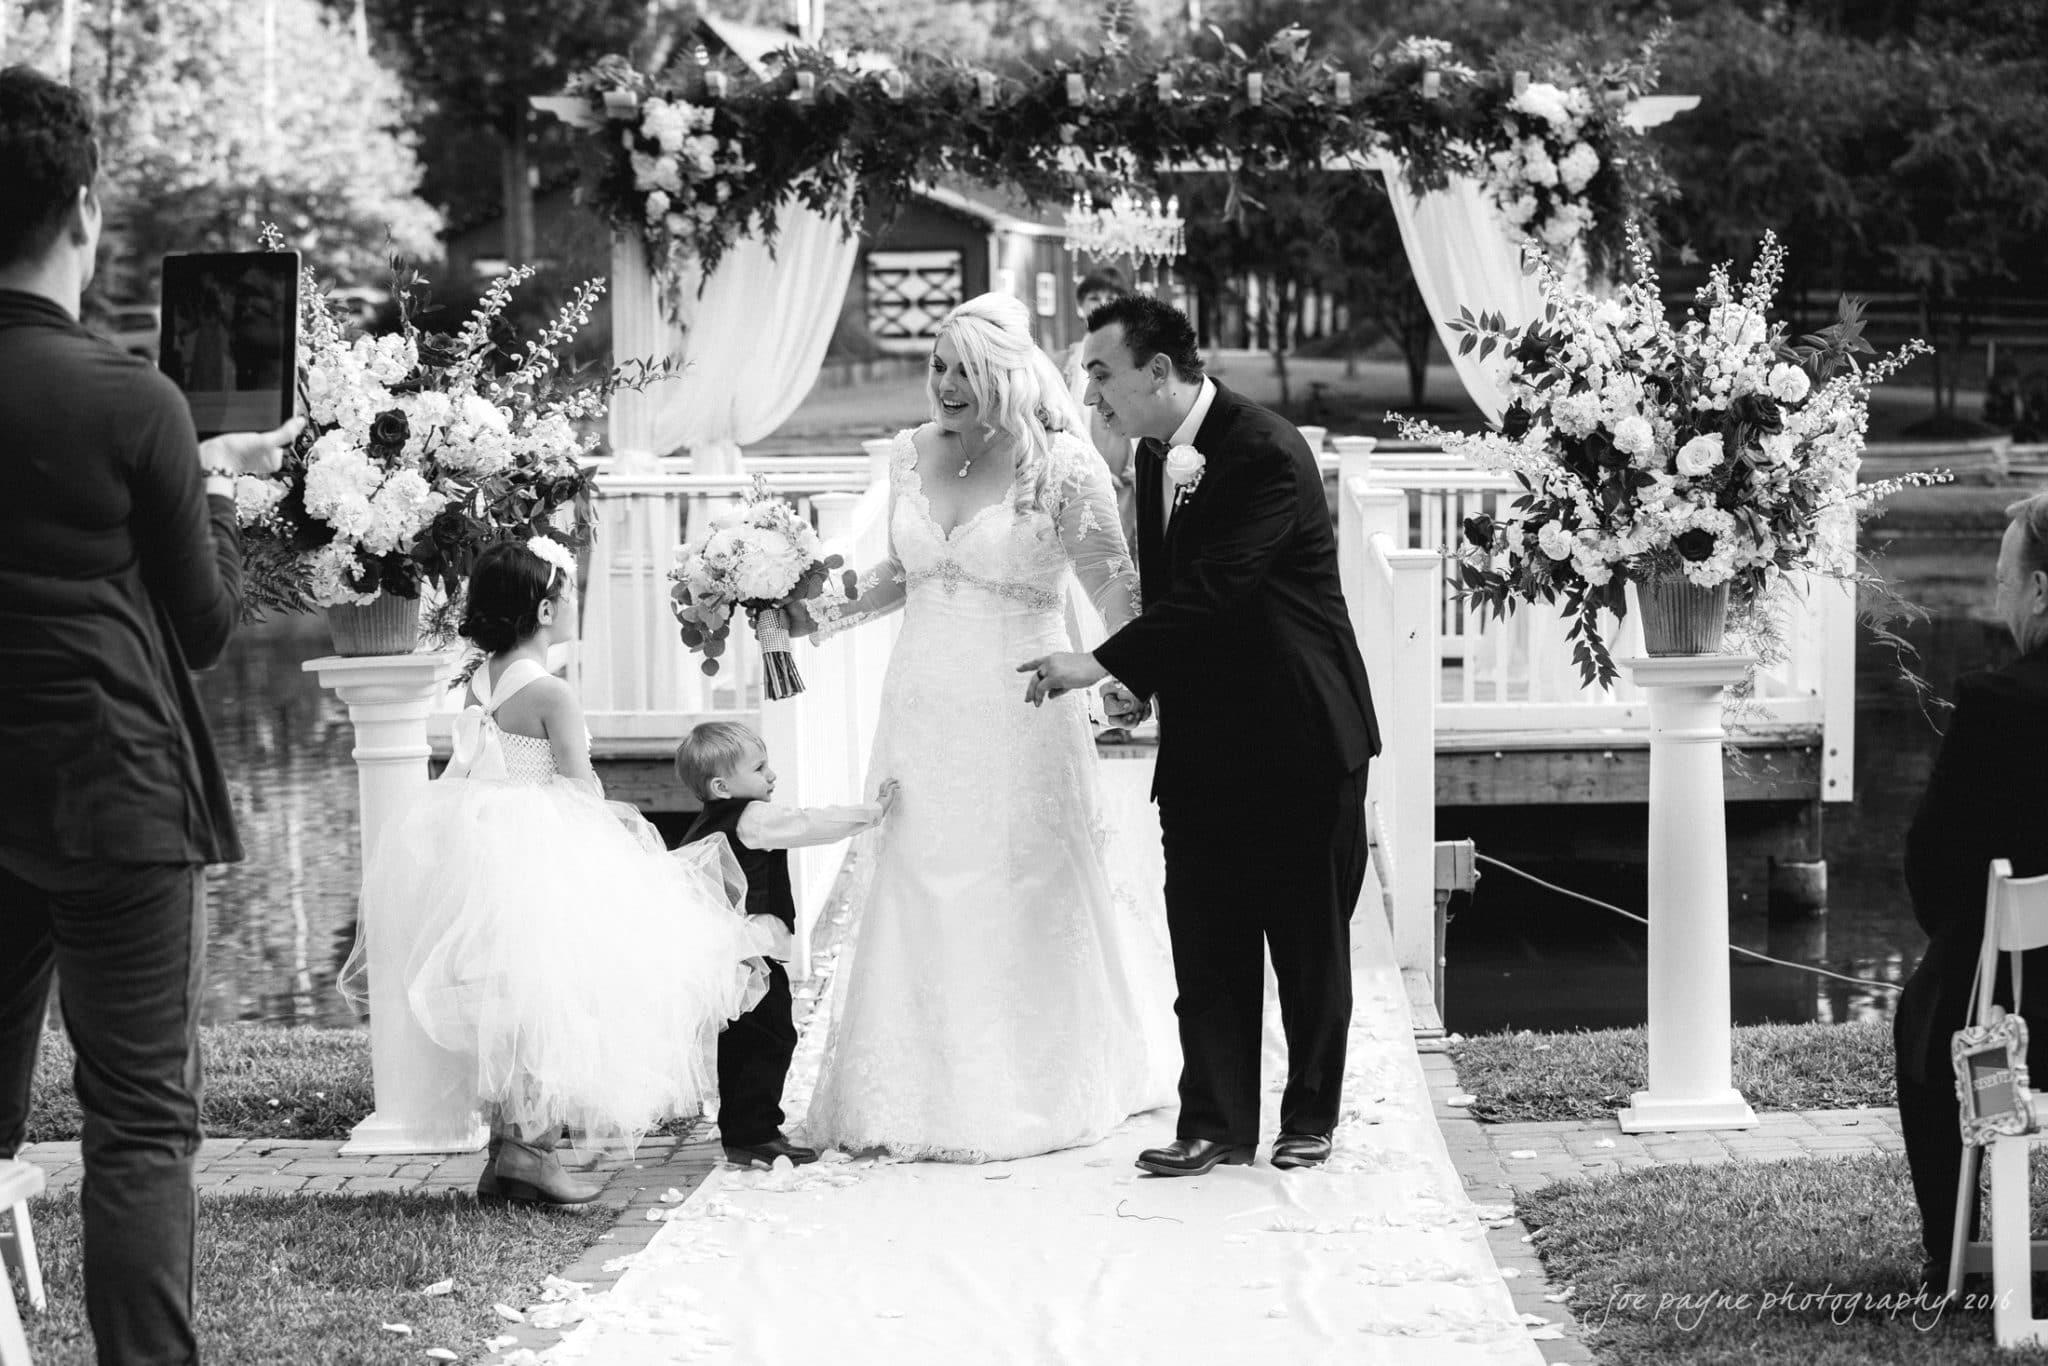 shady-wagon-farm-wedding-photography-danielle-josh-26